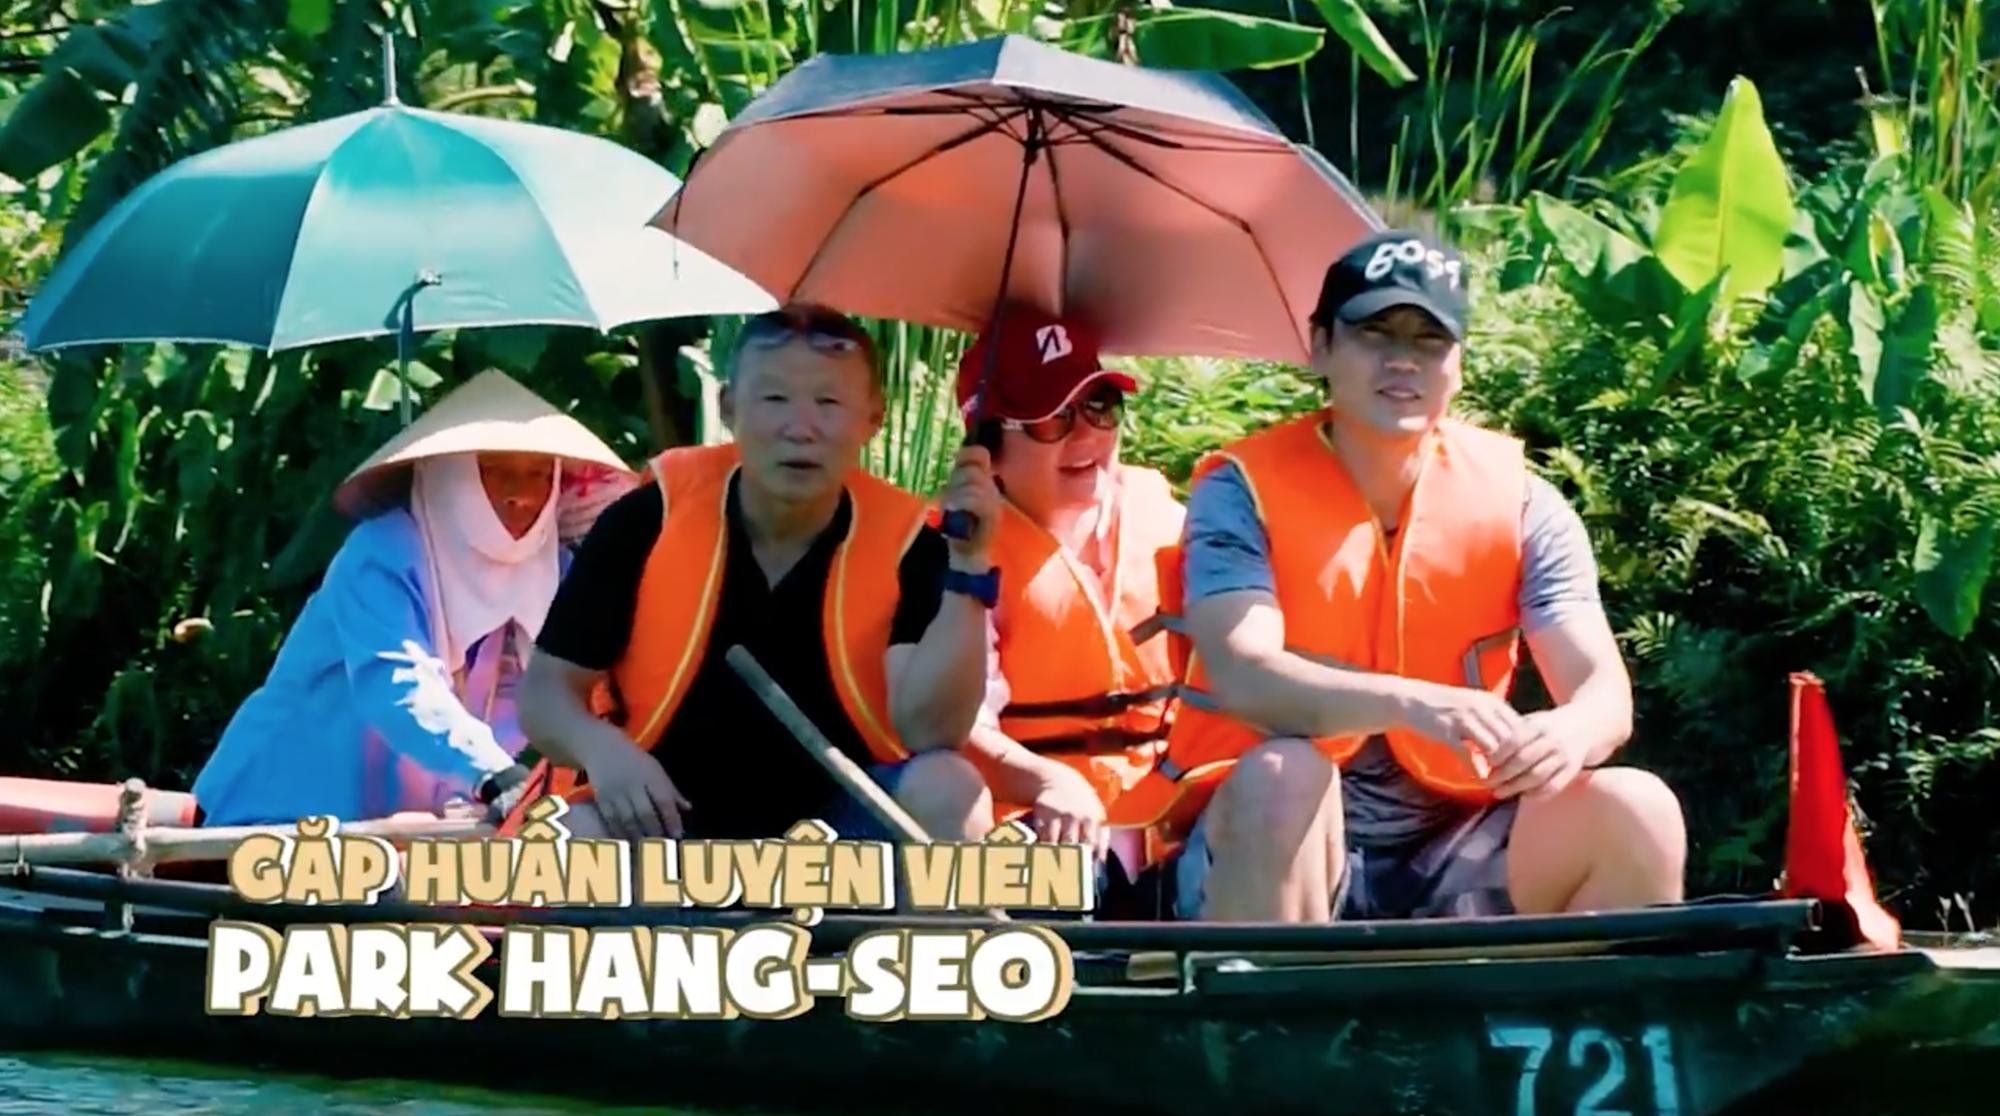 Hội ế Diệu Nhi - Sĩ Thanh - Yaya Trương Nhi bất ngờ gặp HLV Park Hang Seo tại Ninh Bình - Ảnh 7.